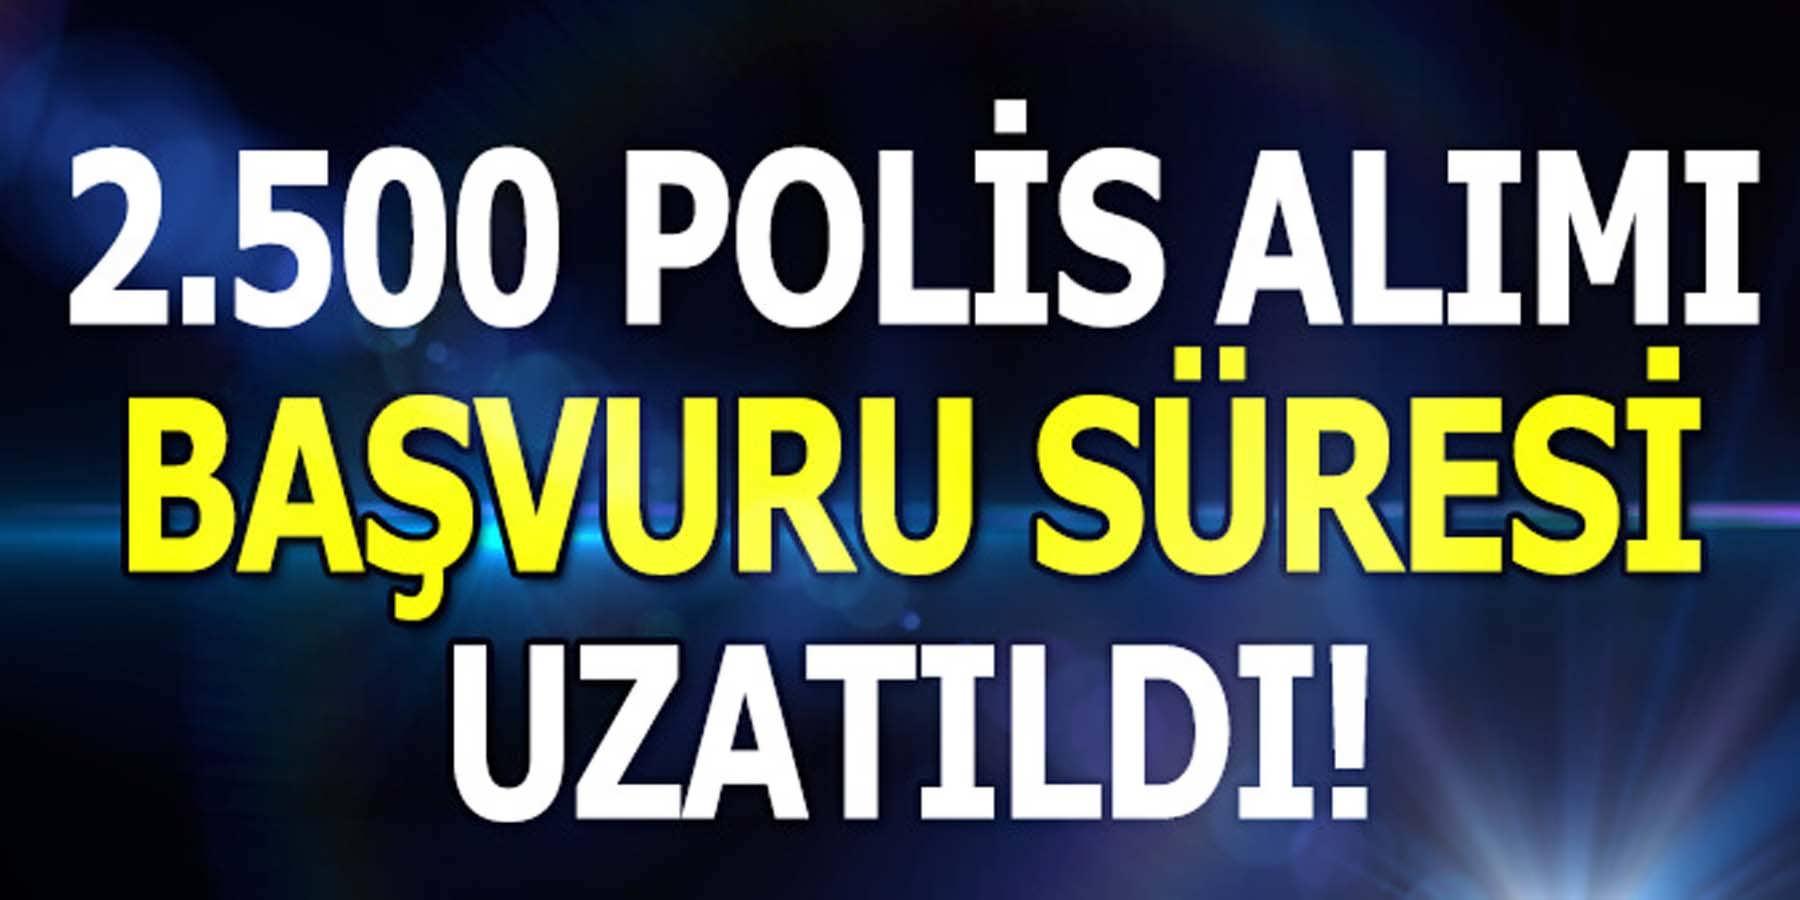 2500 Polis Alımında Son Başvuru Tarihi Uzatıldı